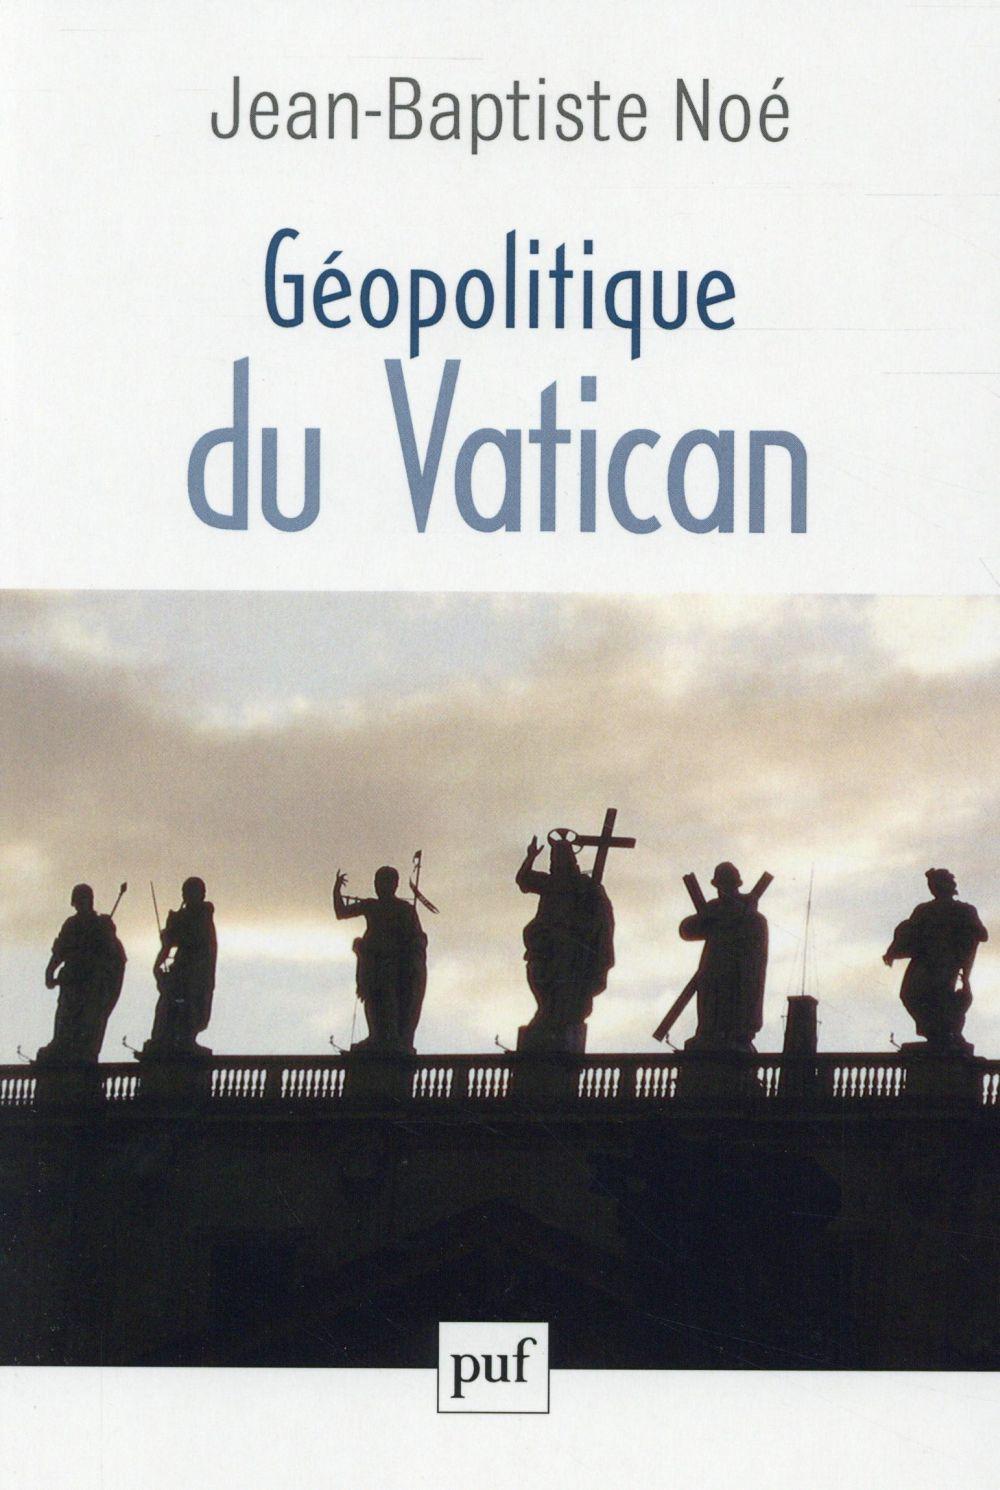 GEOPOLITIQUE DU VATICAN